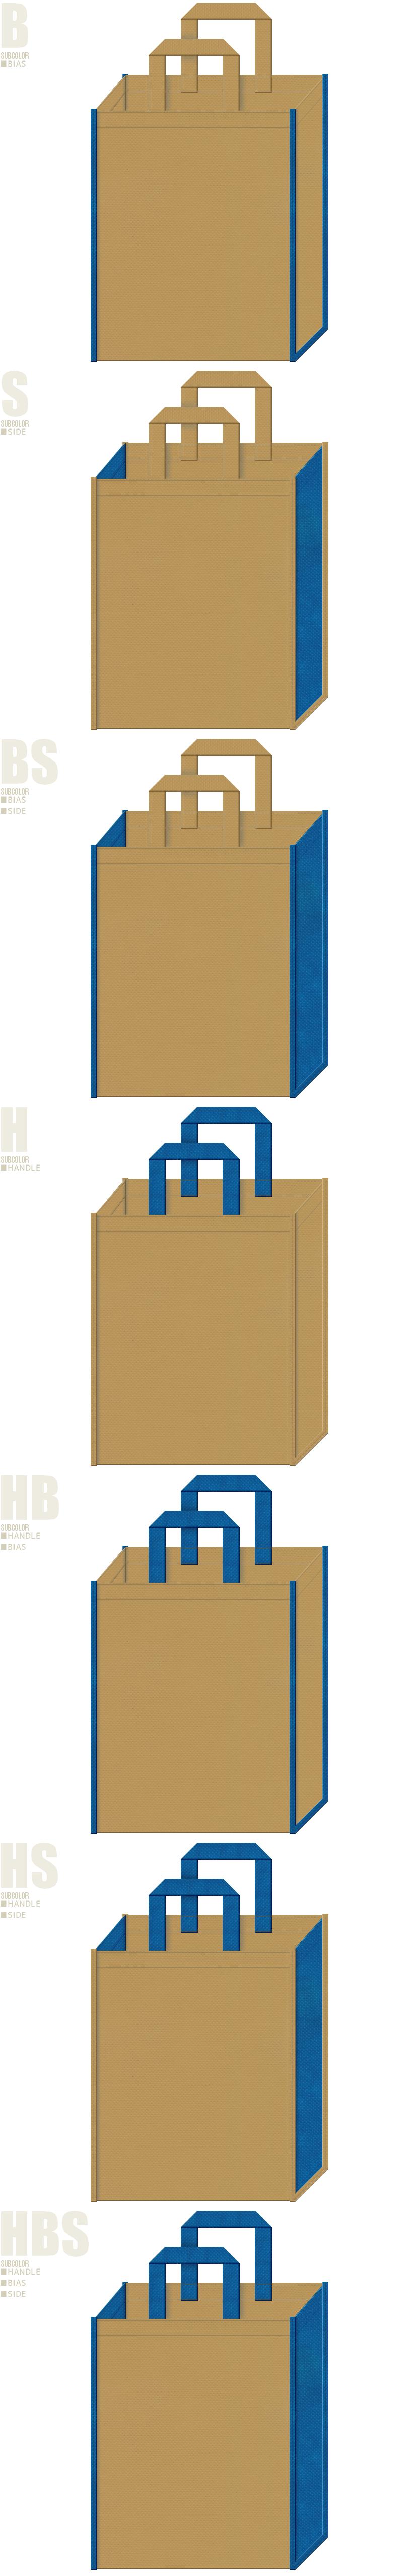 不織布バッグのデザイン:金黄土色と青色の配色7パターン